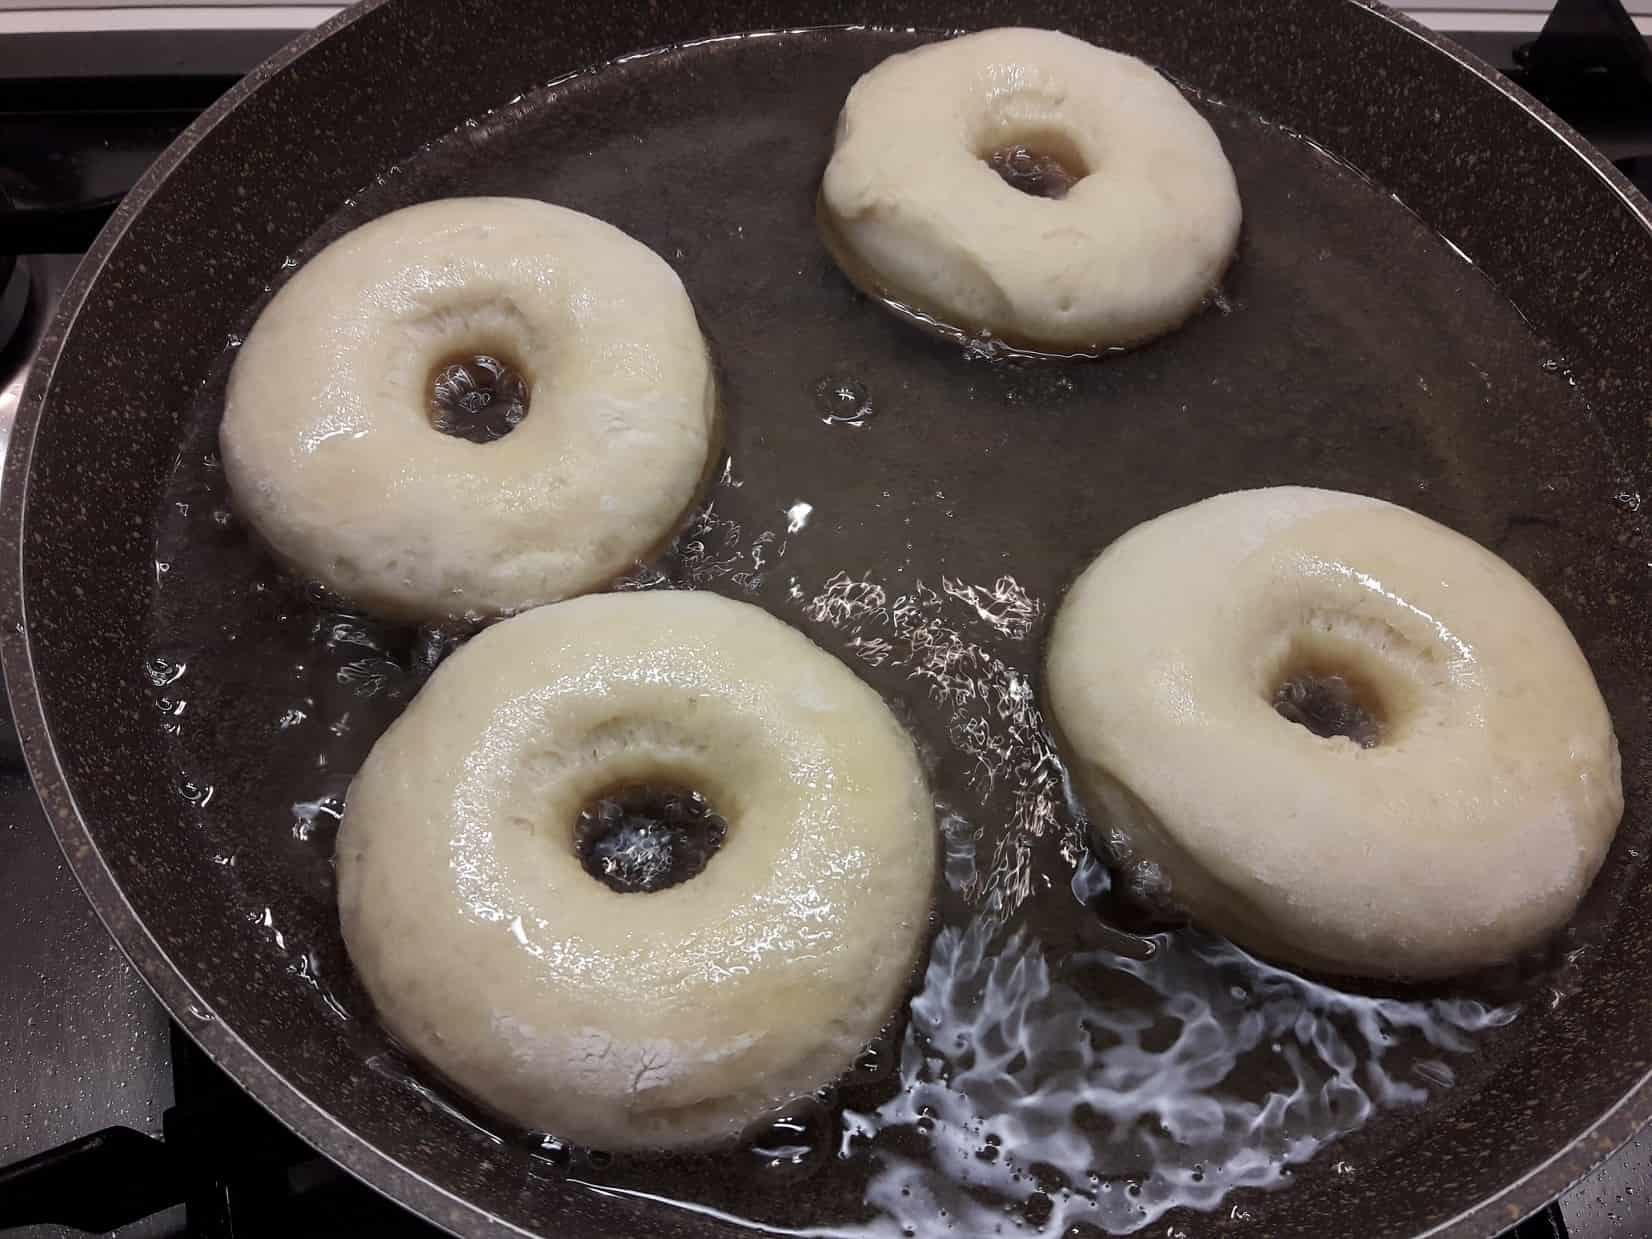 frittura dei donuts